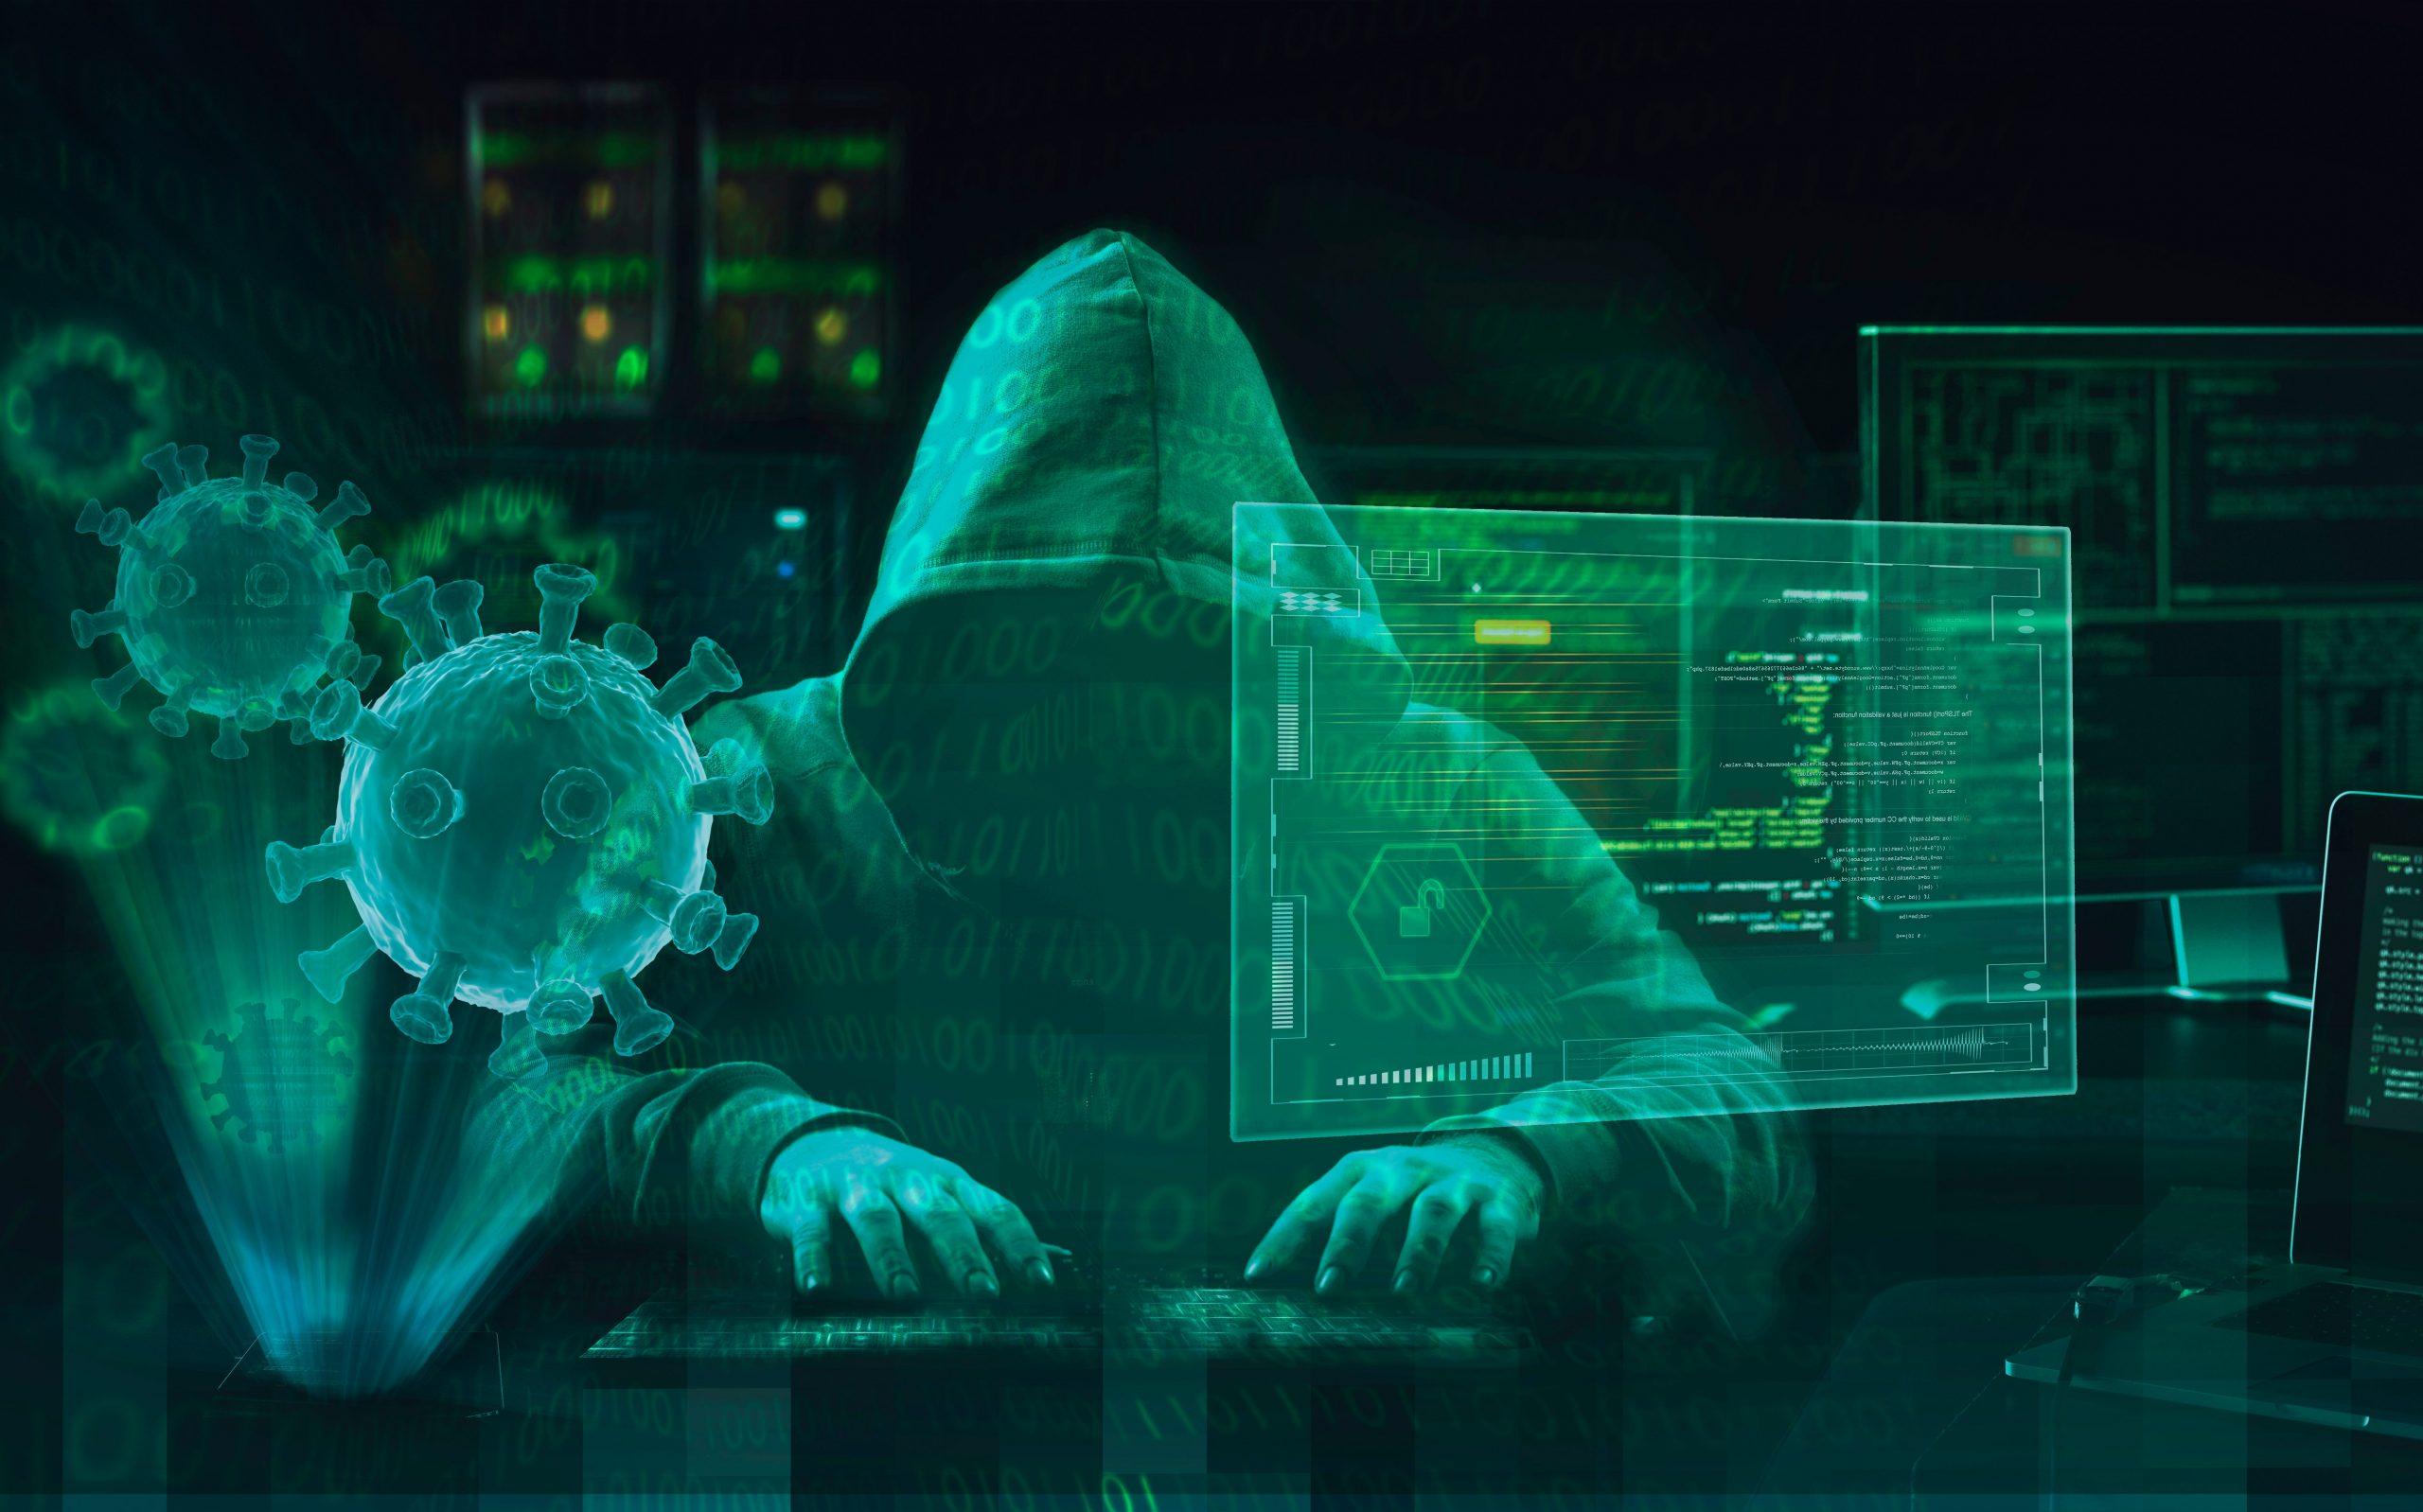 Hacker,virus,malware,attack,during,coronavirus,pandemic,concept